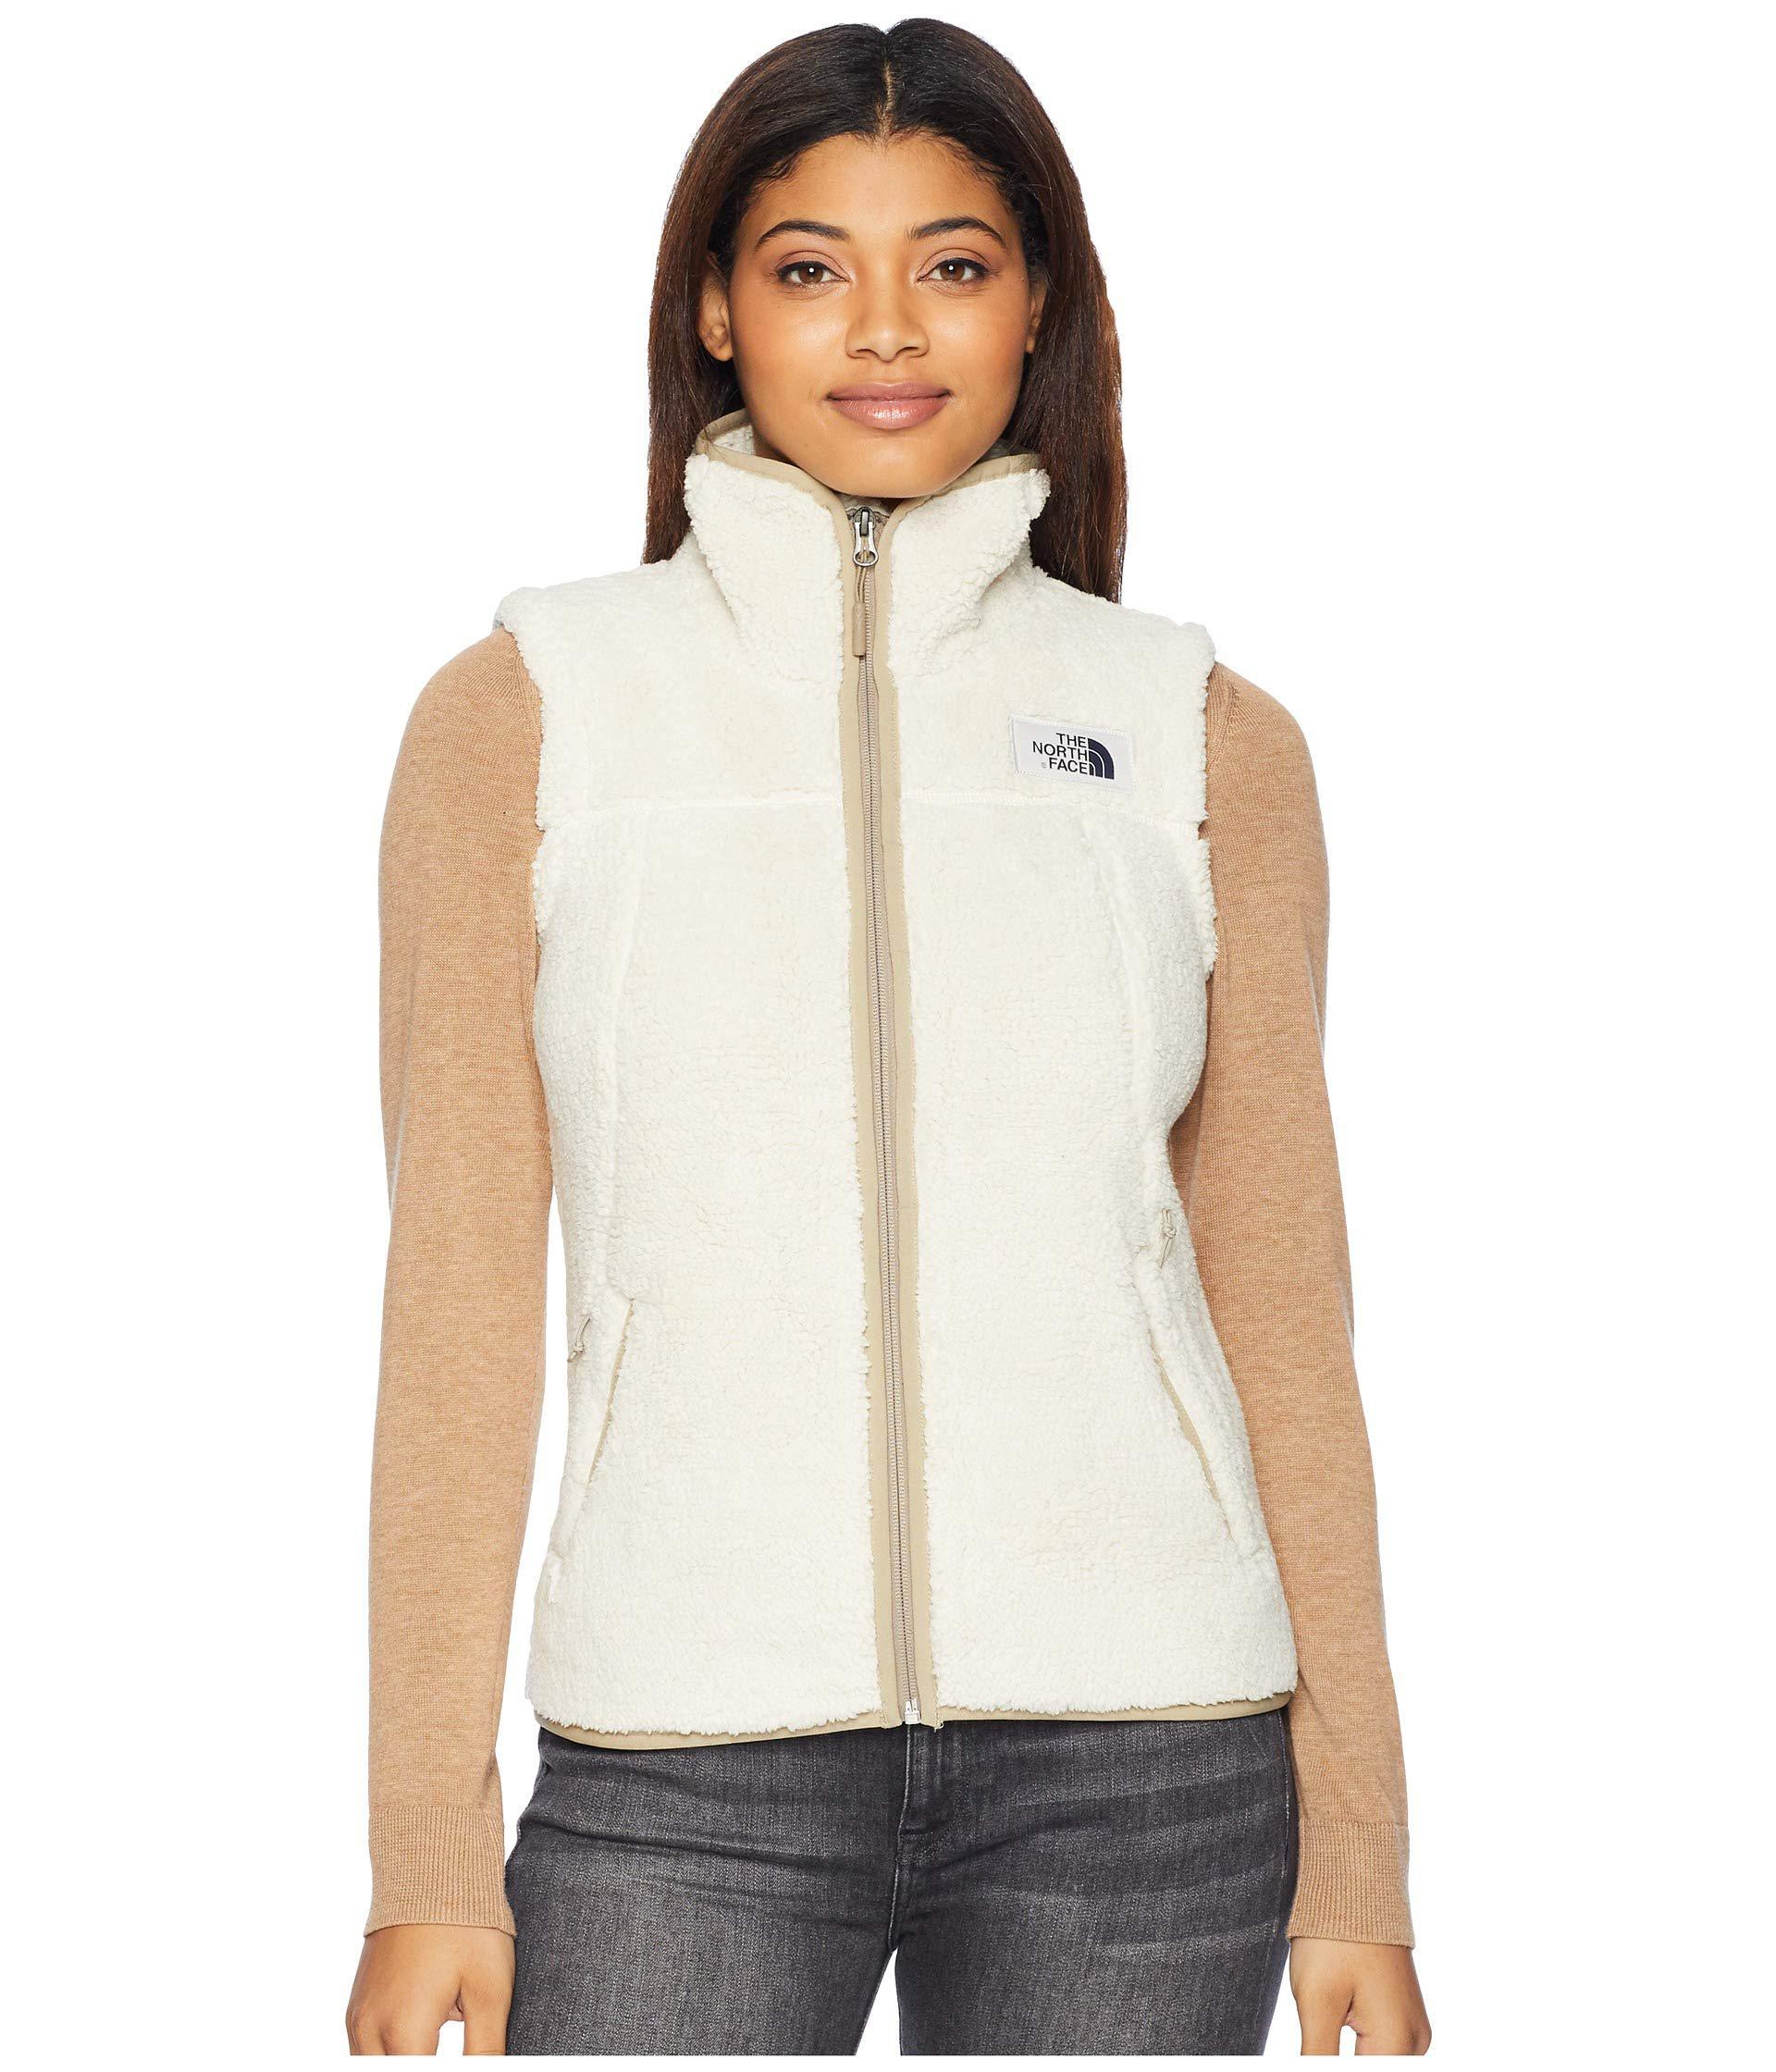 bf4ef537a The North Face Natural Campshire Vest (vintage White/dune Beige) Vest